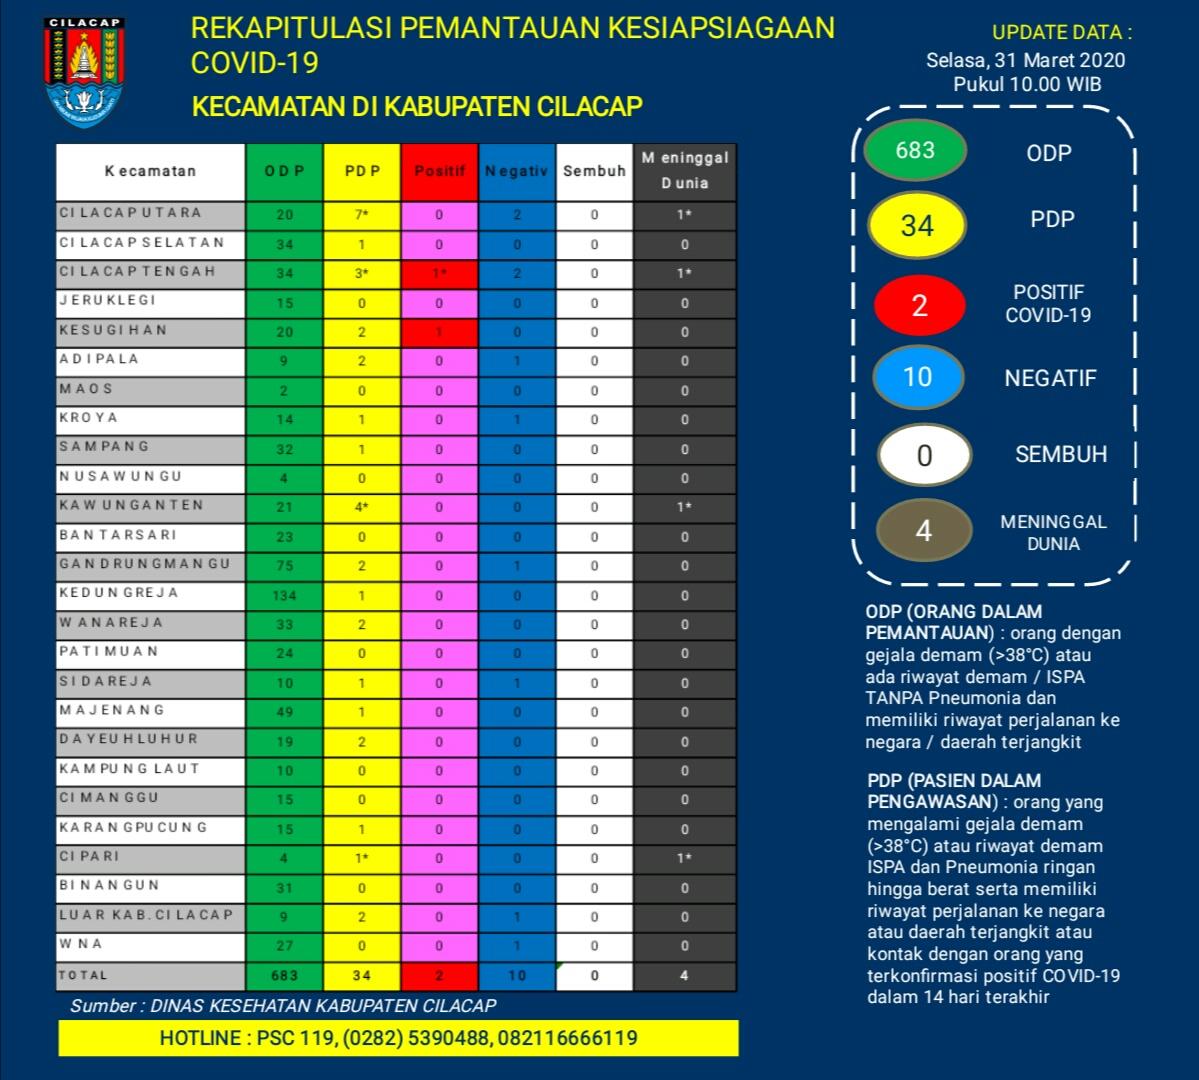 Rekapitulasi Pemantauan Kesiapsiagaan COVID-19 Kecamatan di Kabupaten Cilacap, 31 Maret 2020